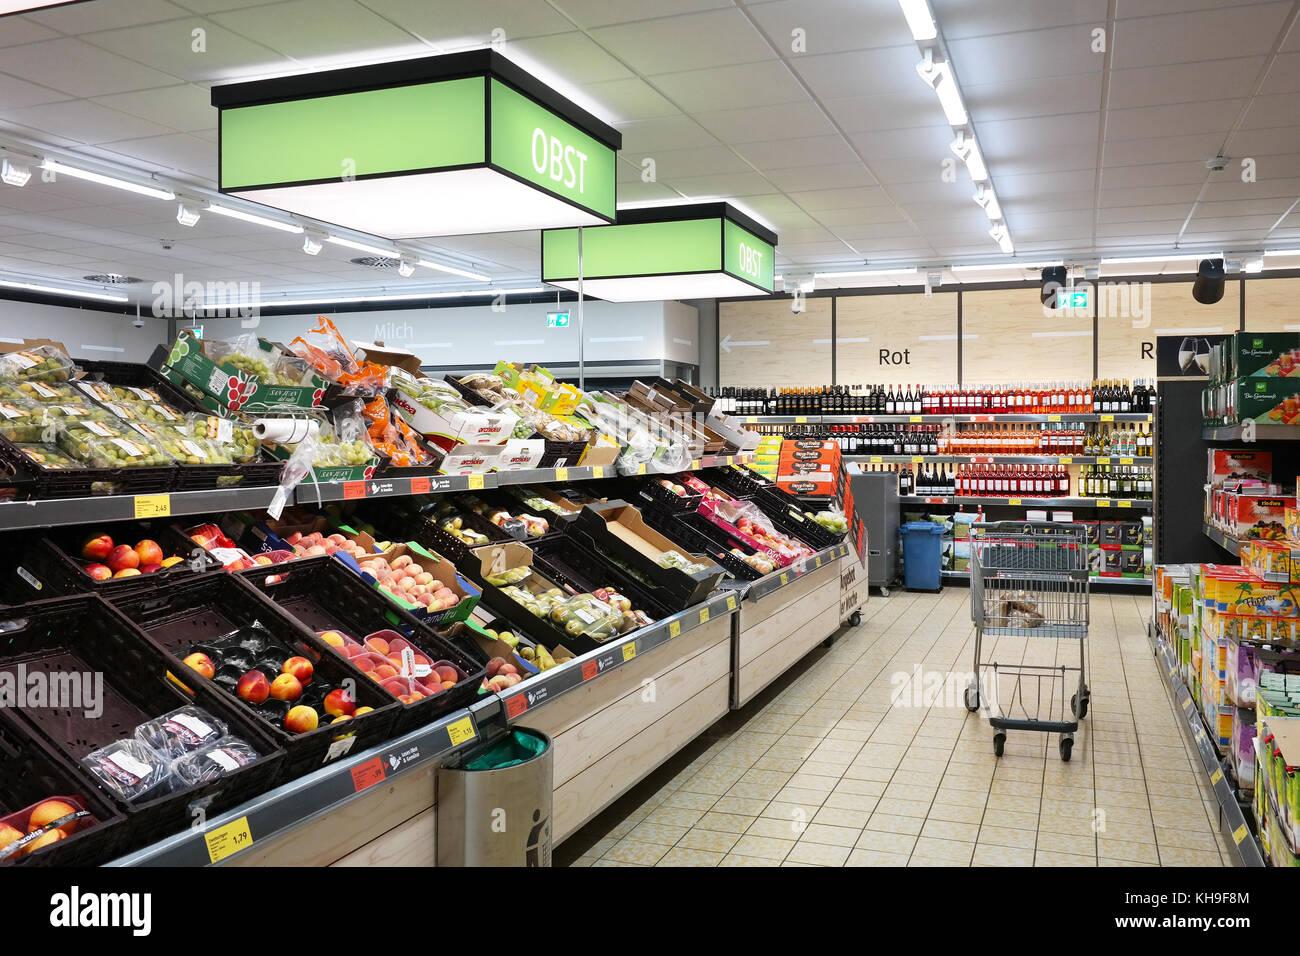 Interior de un supermercado Aldi sud de descuento Foto de stock